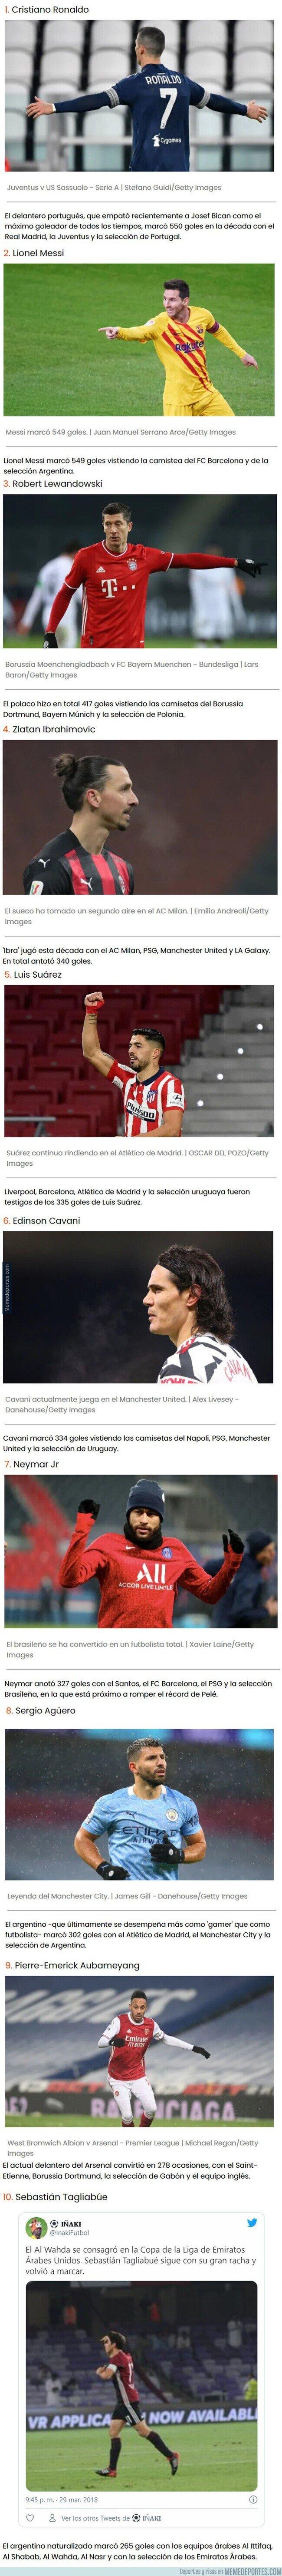 1125394 - Cristiano y nueve más: Los 10 máximos goleadores de la década según la IFFHS